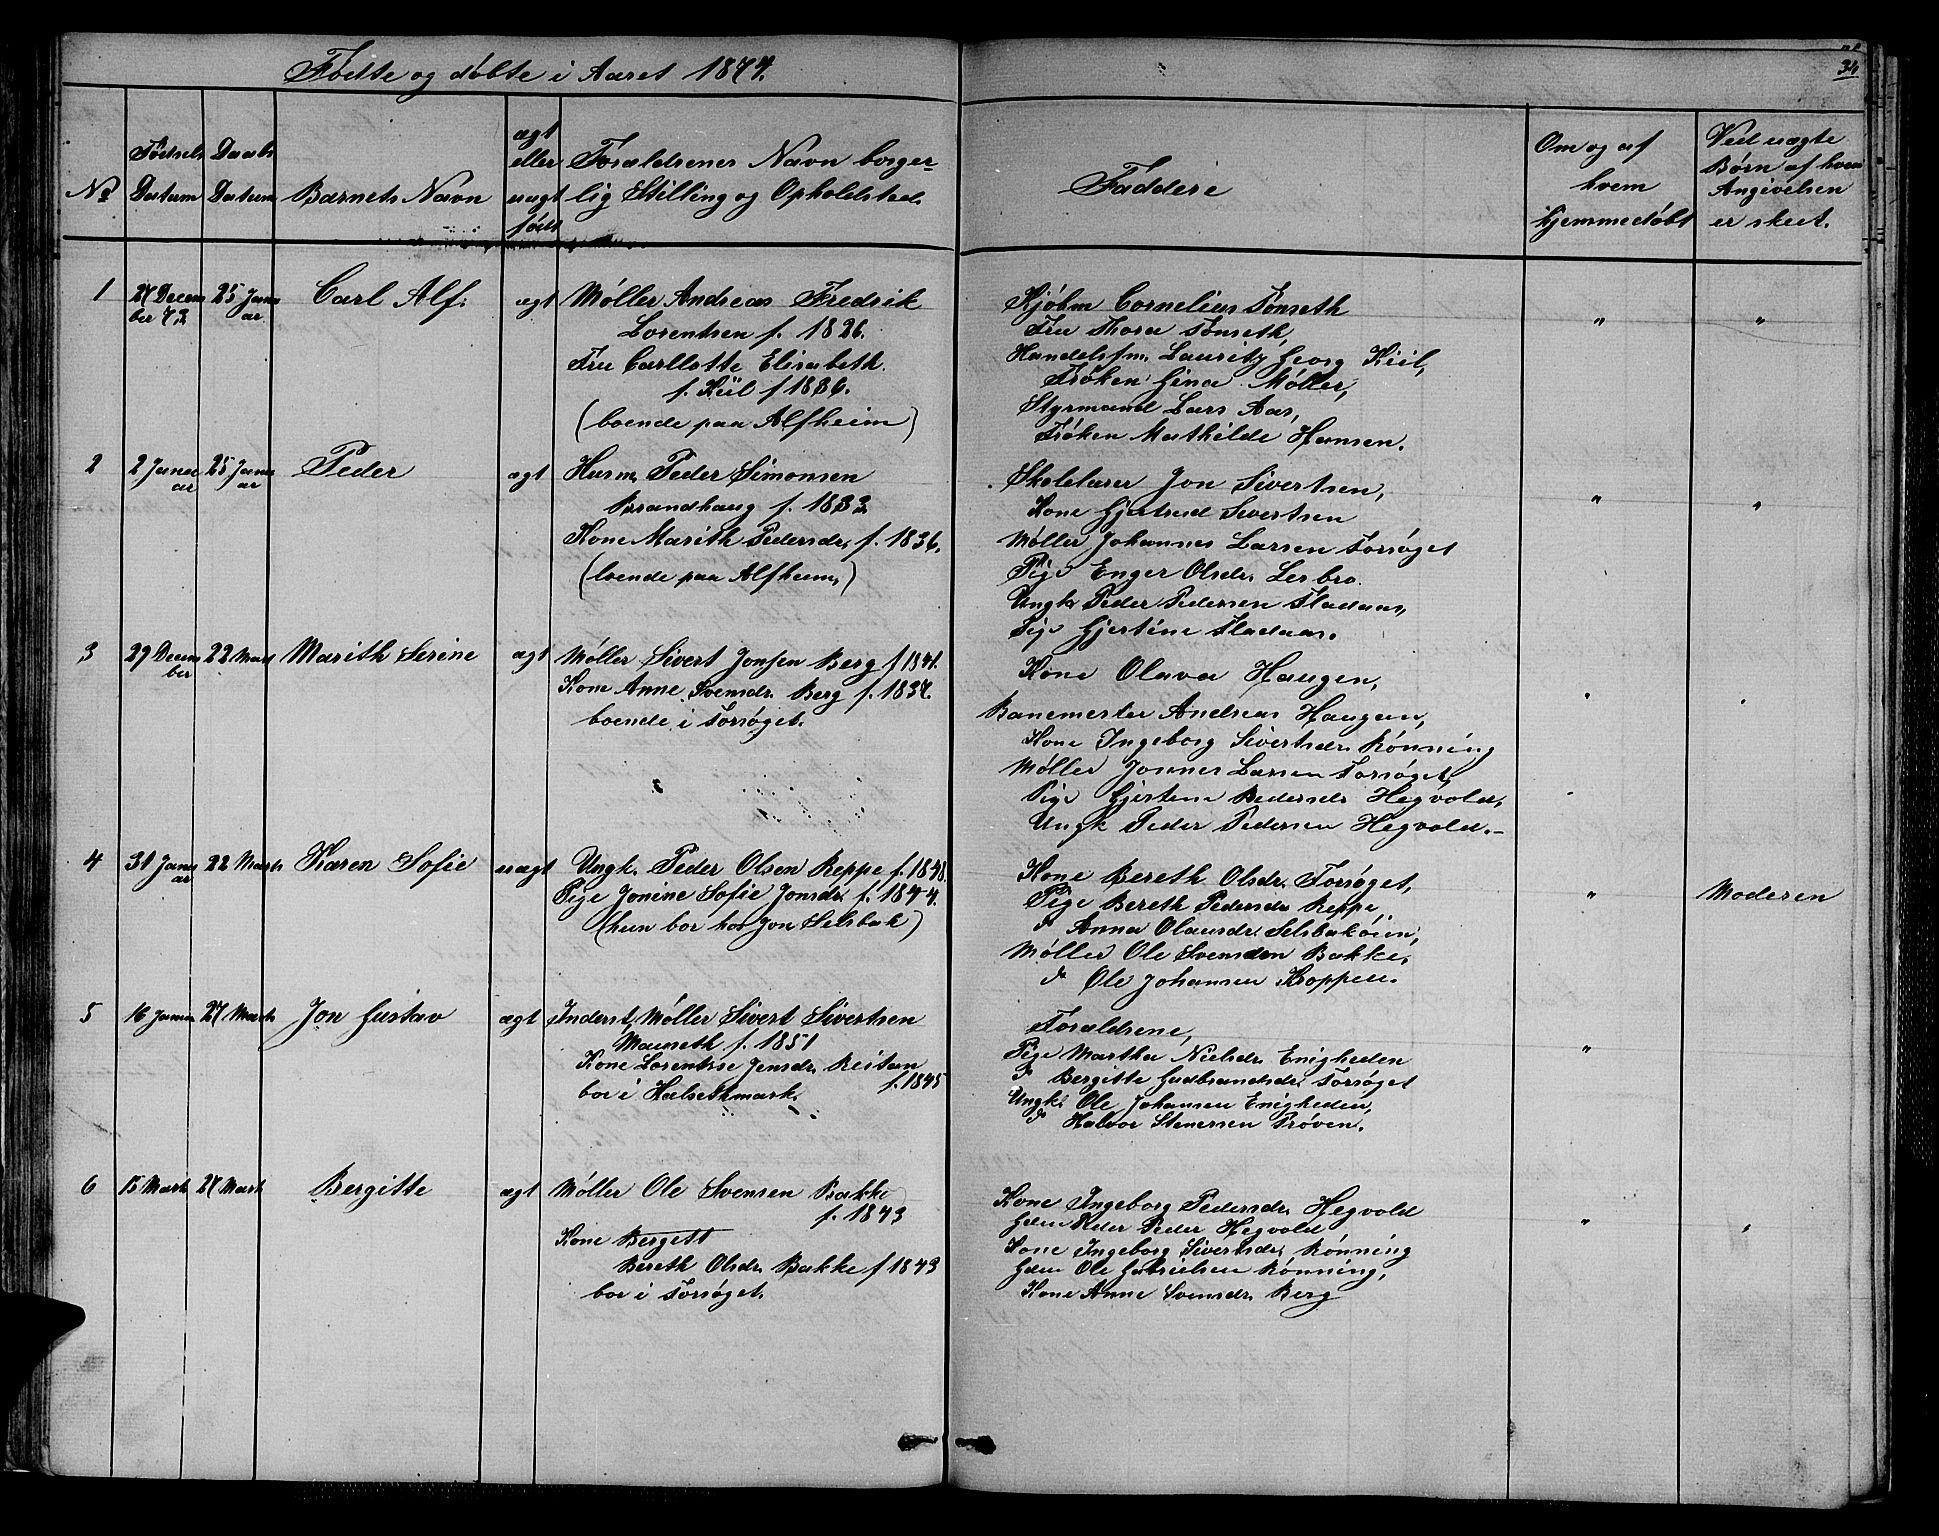 SAT, Ministerialprotokoller, klokkerbøker og fødselsregistre - Sør-Trøndelag, 611/L0353: Klokkerbok nr. 611C01, 1854-1881, s. 34